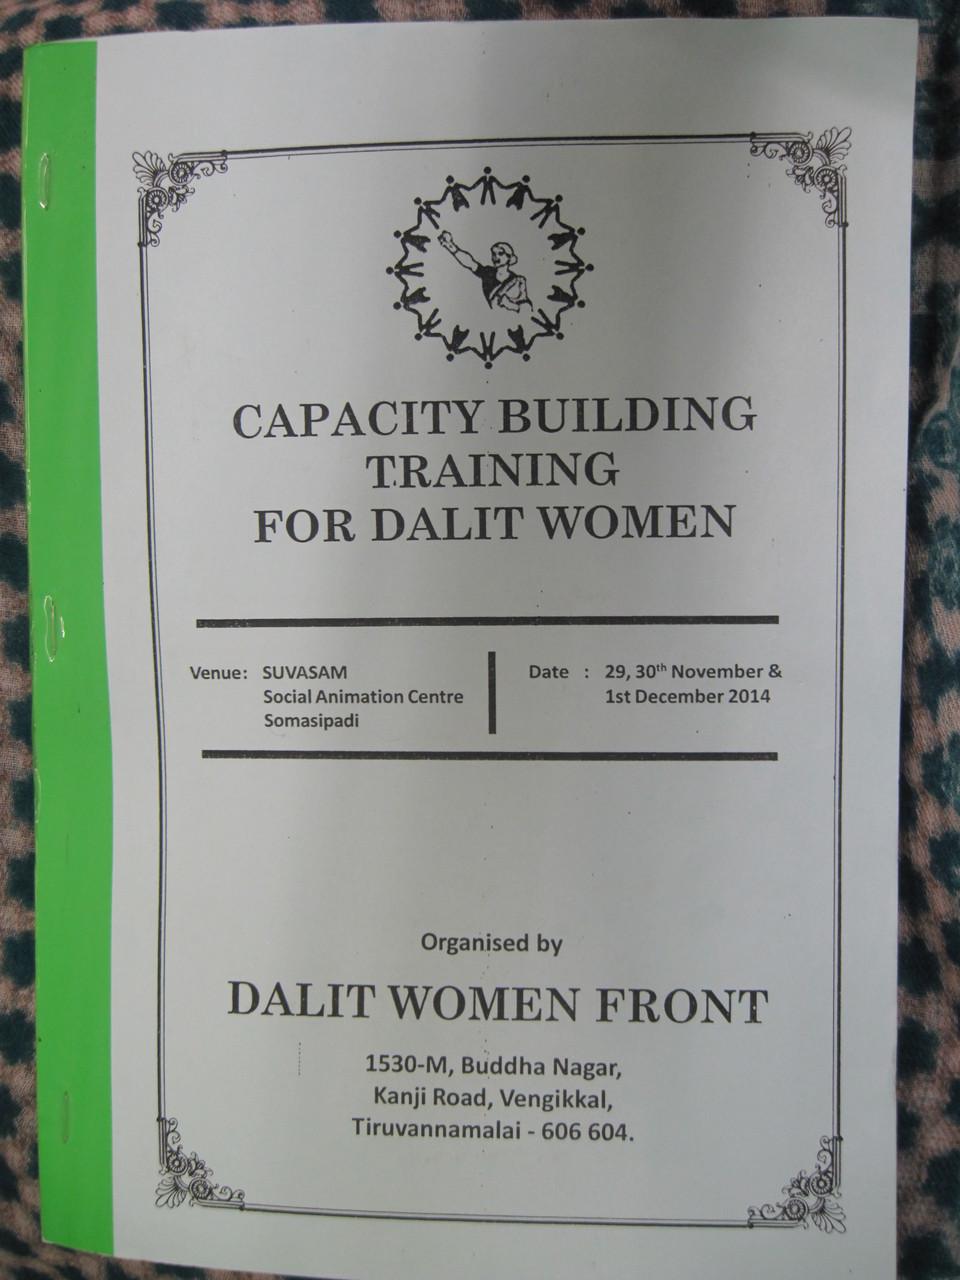 Novembre 2014 - Manuel : Formation pour le renforcement des capacités des femmes Dalits